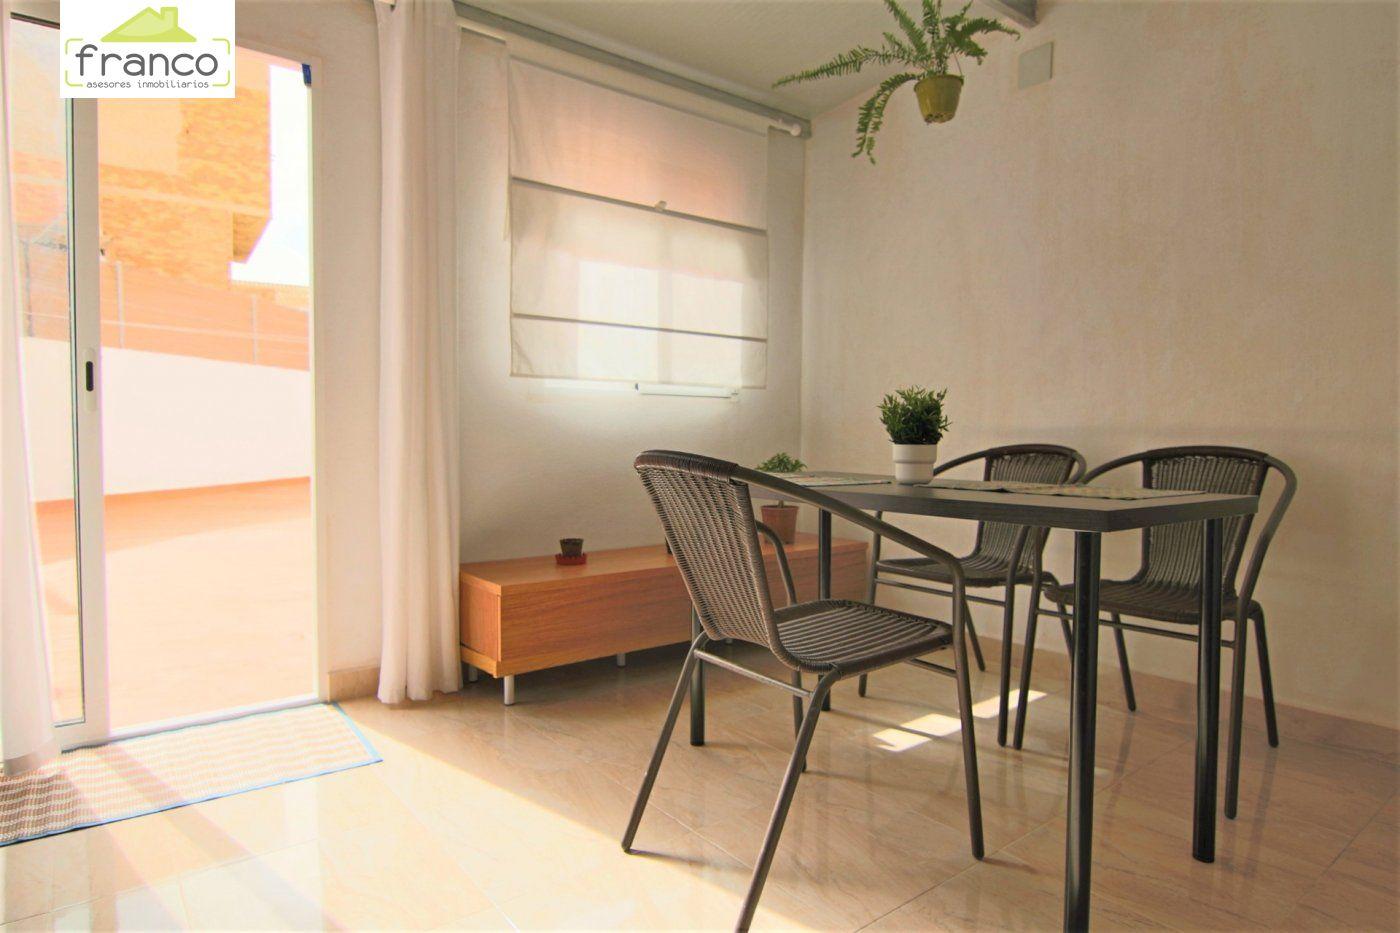 Apartamento en alquiler en El Palmar - El palmar, Murcia